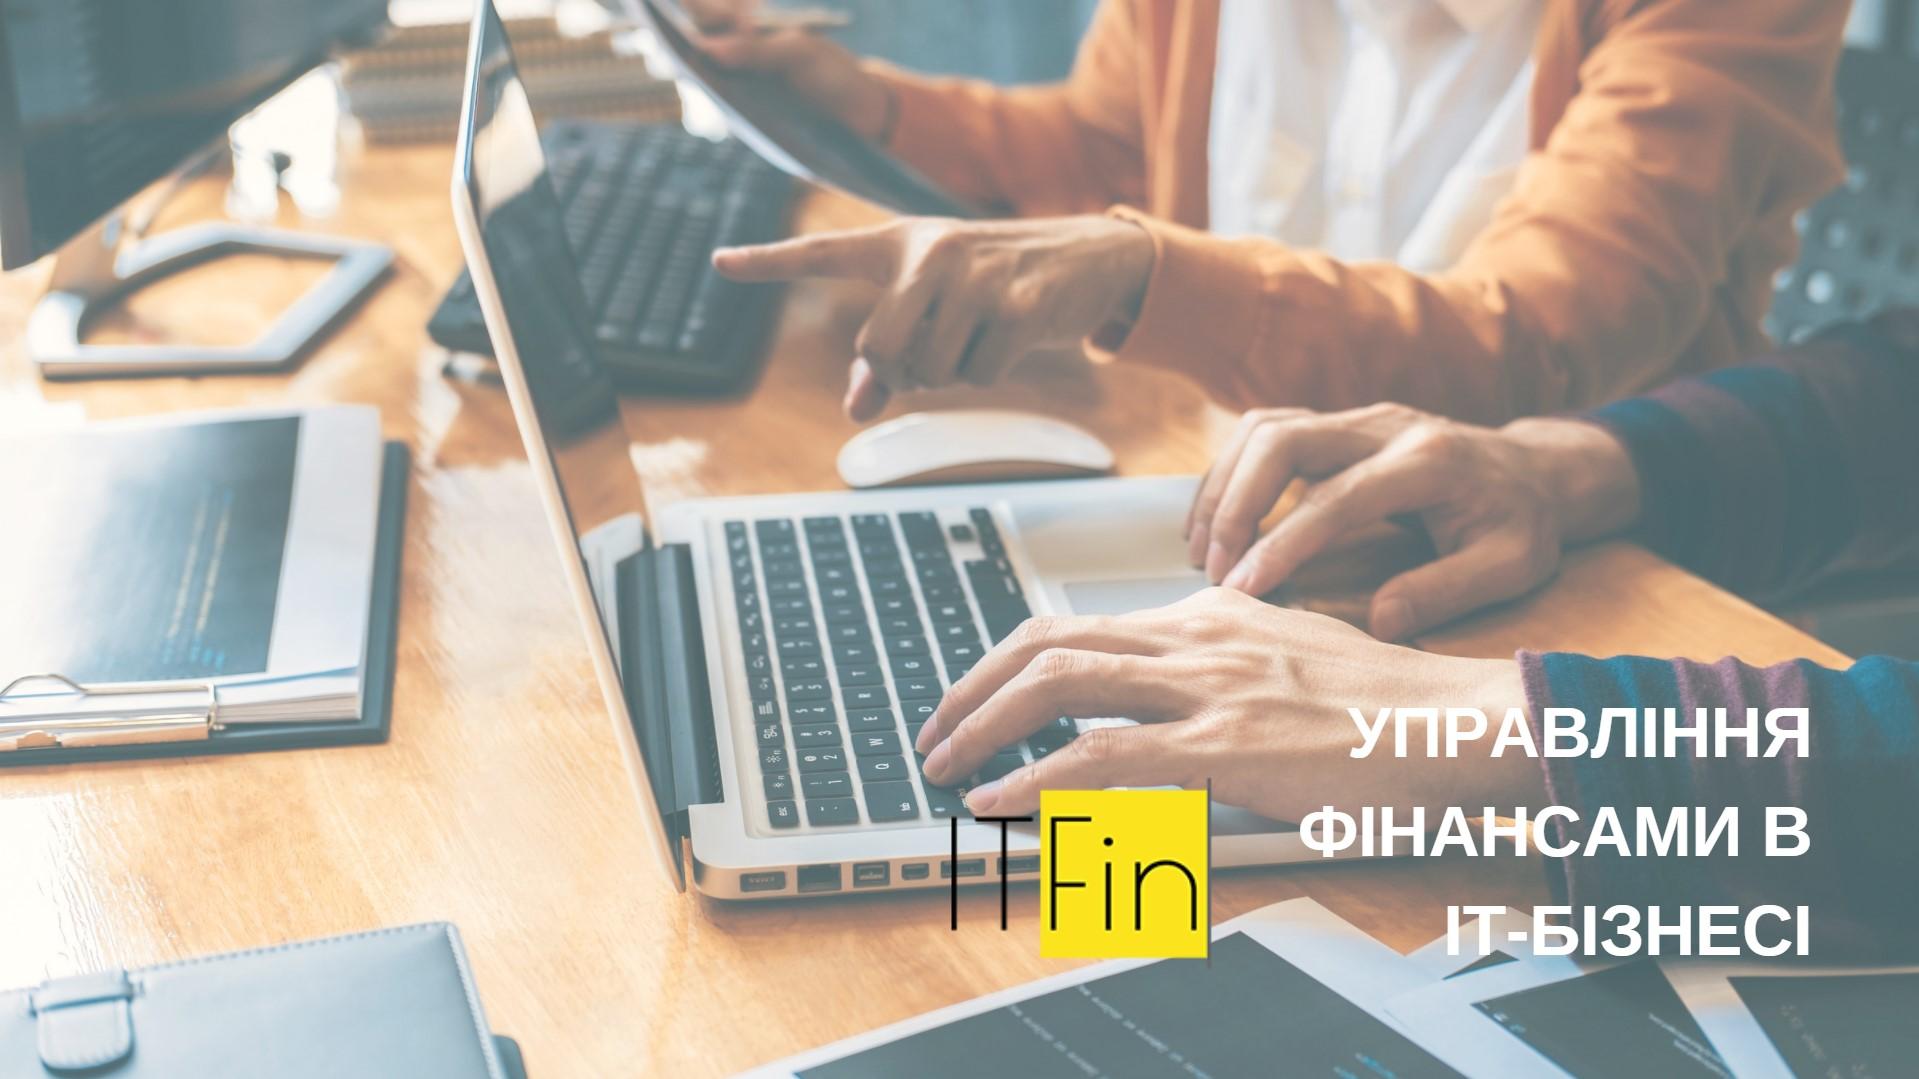 😊 Ukraїnśki programisty stvoryly peršu kompleksnu programu dlja upravlinnja finansamy IT-kompanij